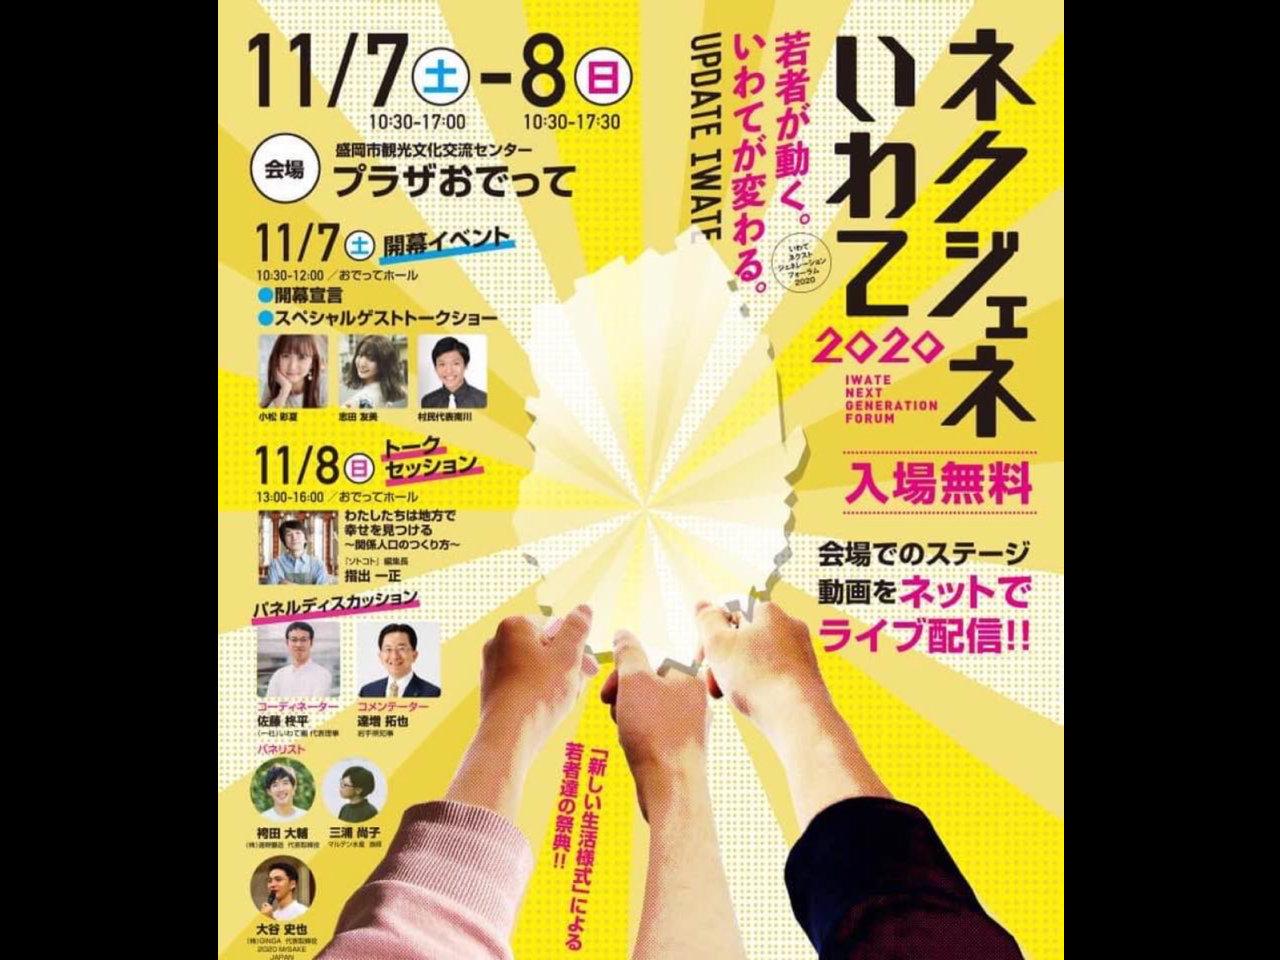 岩手県盛岡市で講演「関係人口のつくり方」、お待ちしています!